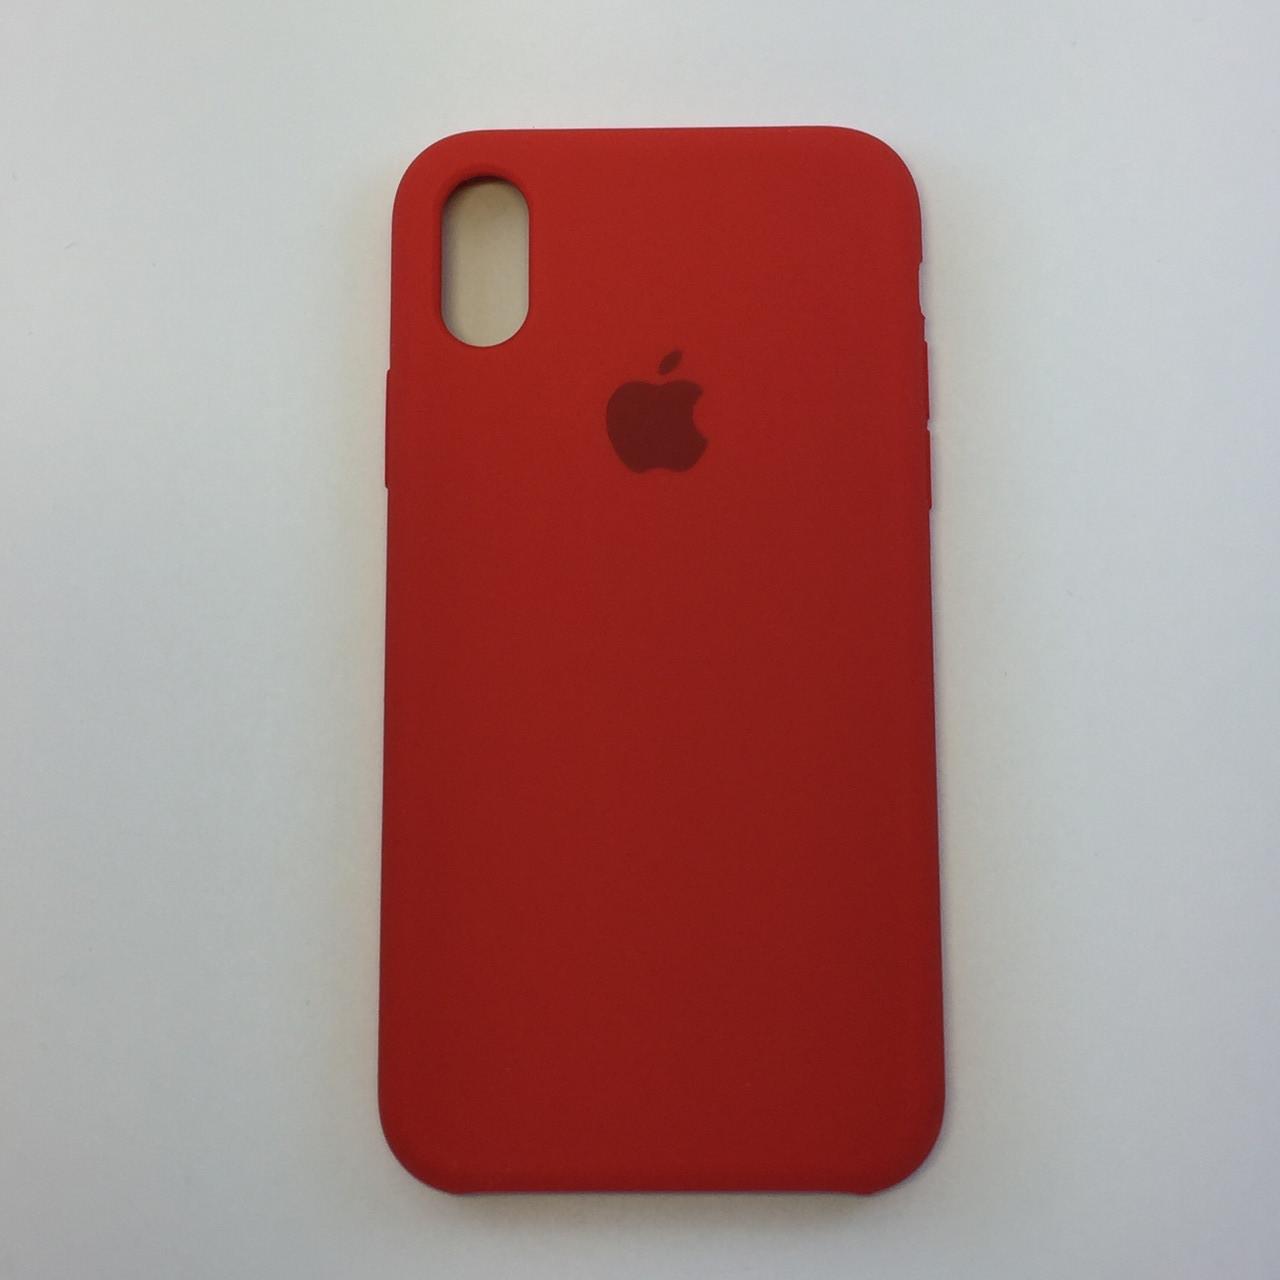 Силиконовый чехол для iPhone Xr, - «темно терракотовый» - copy original